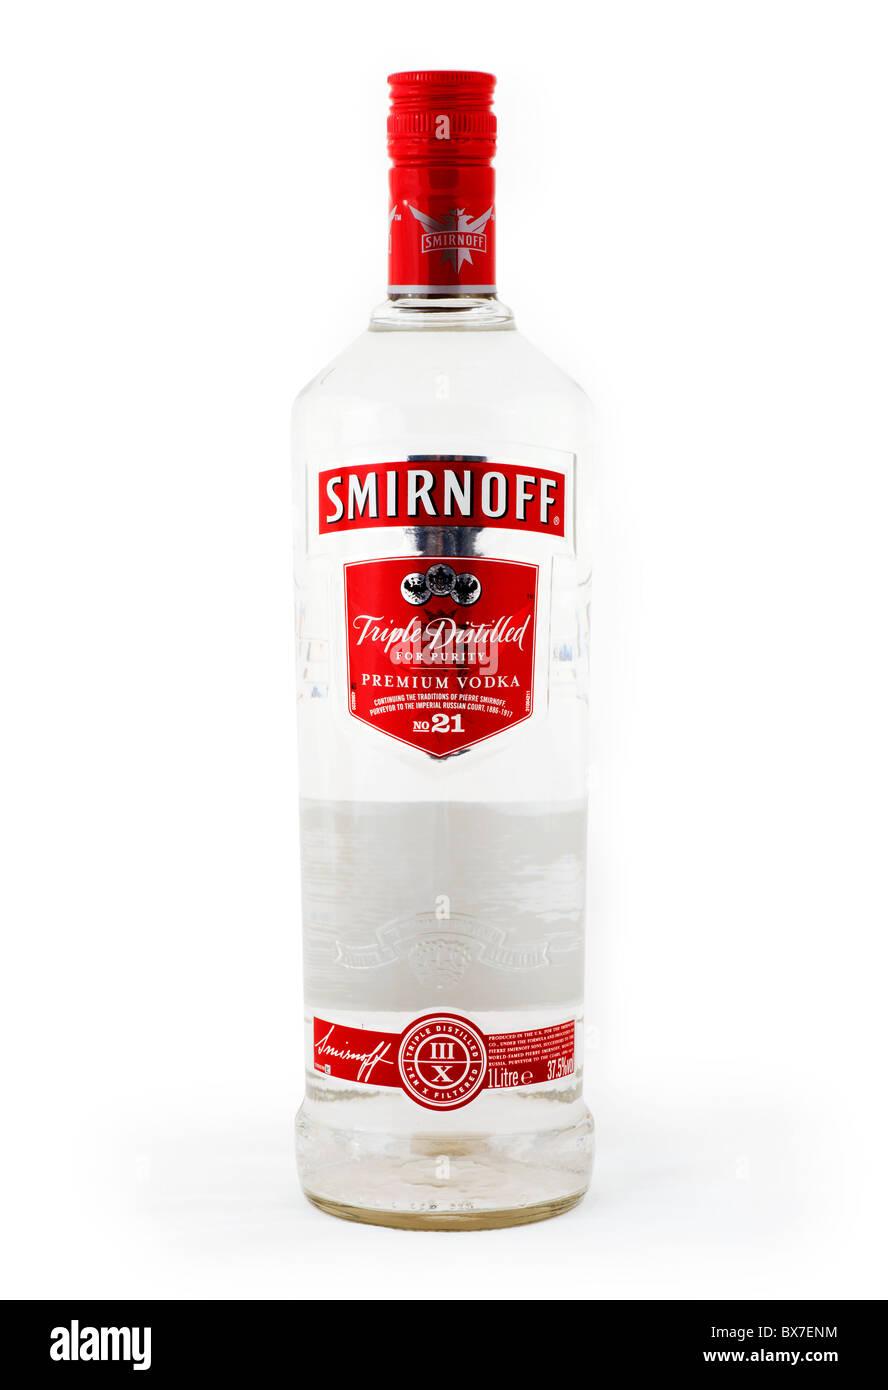 Bottiglia di Smirnoff vodka premium Immagini Stock